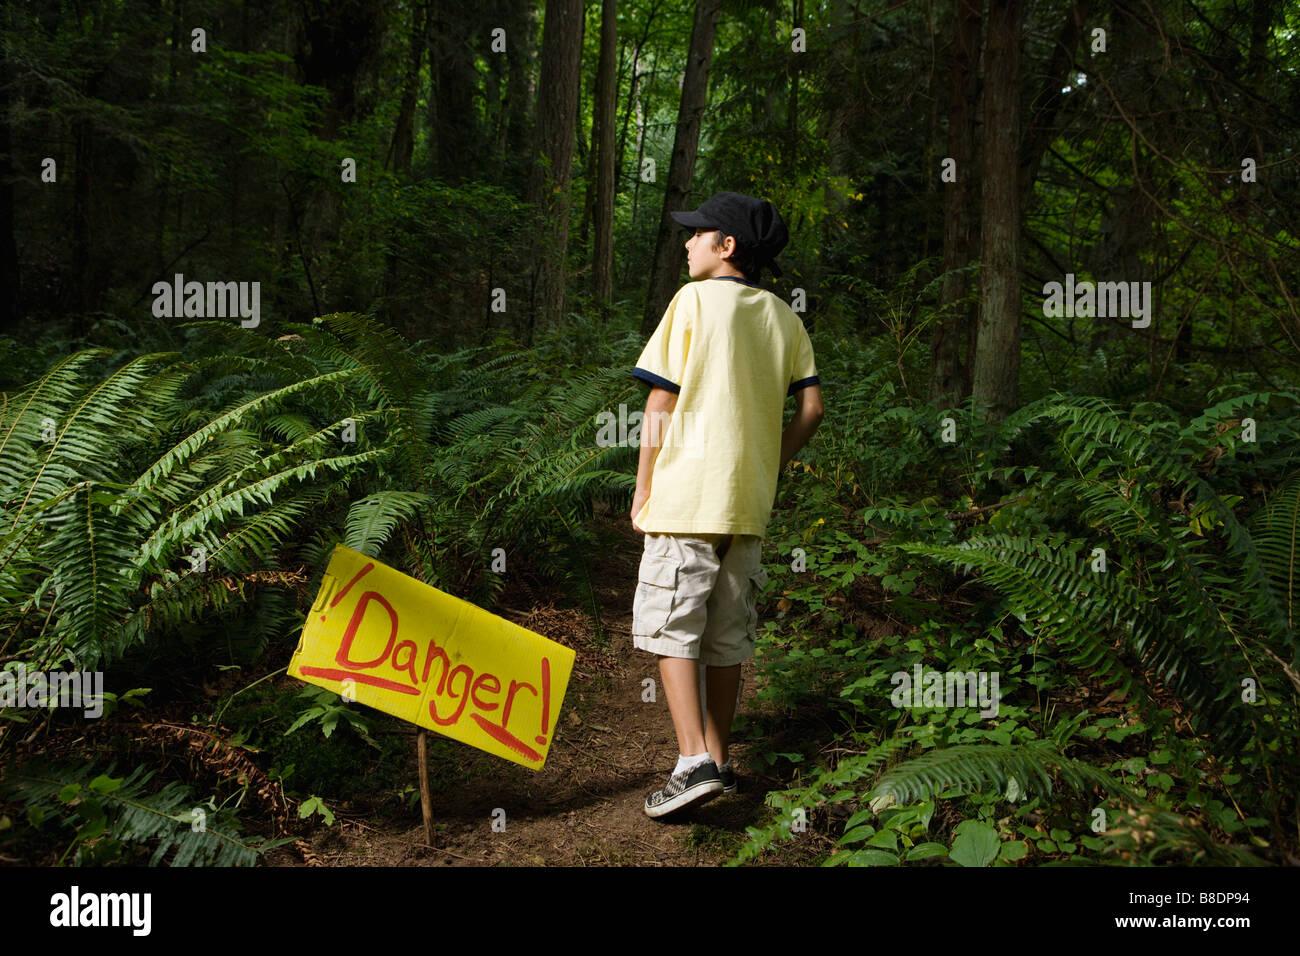 Boy von Gefahrenzeichen Stockbild